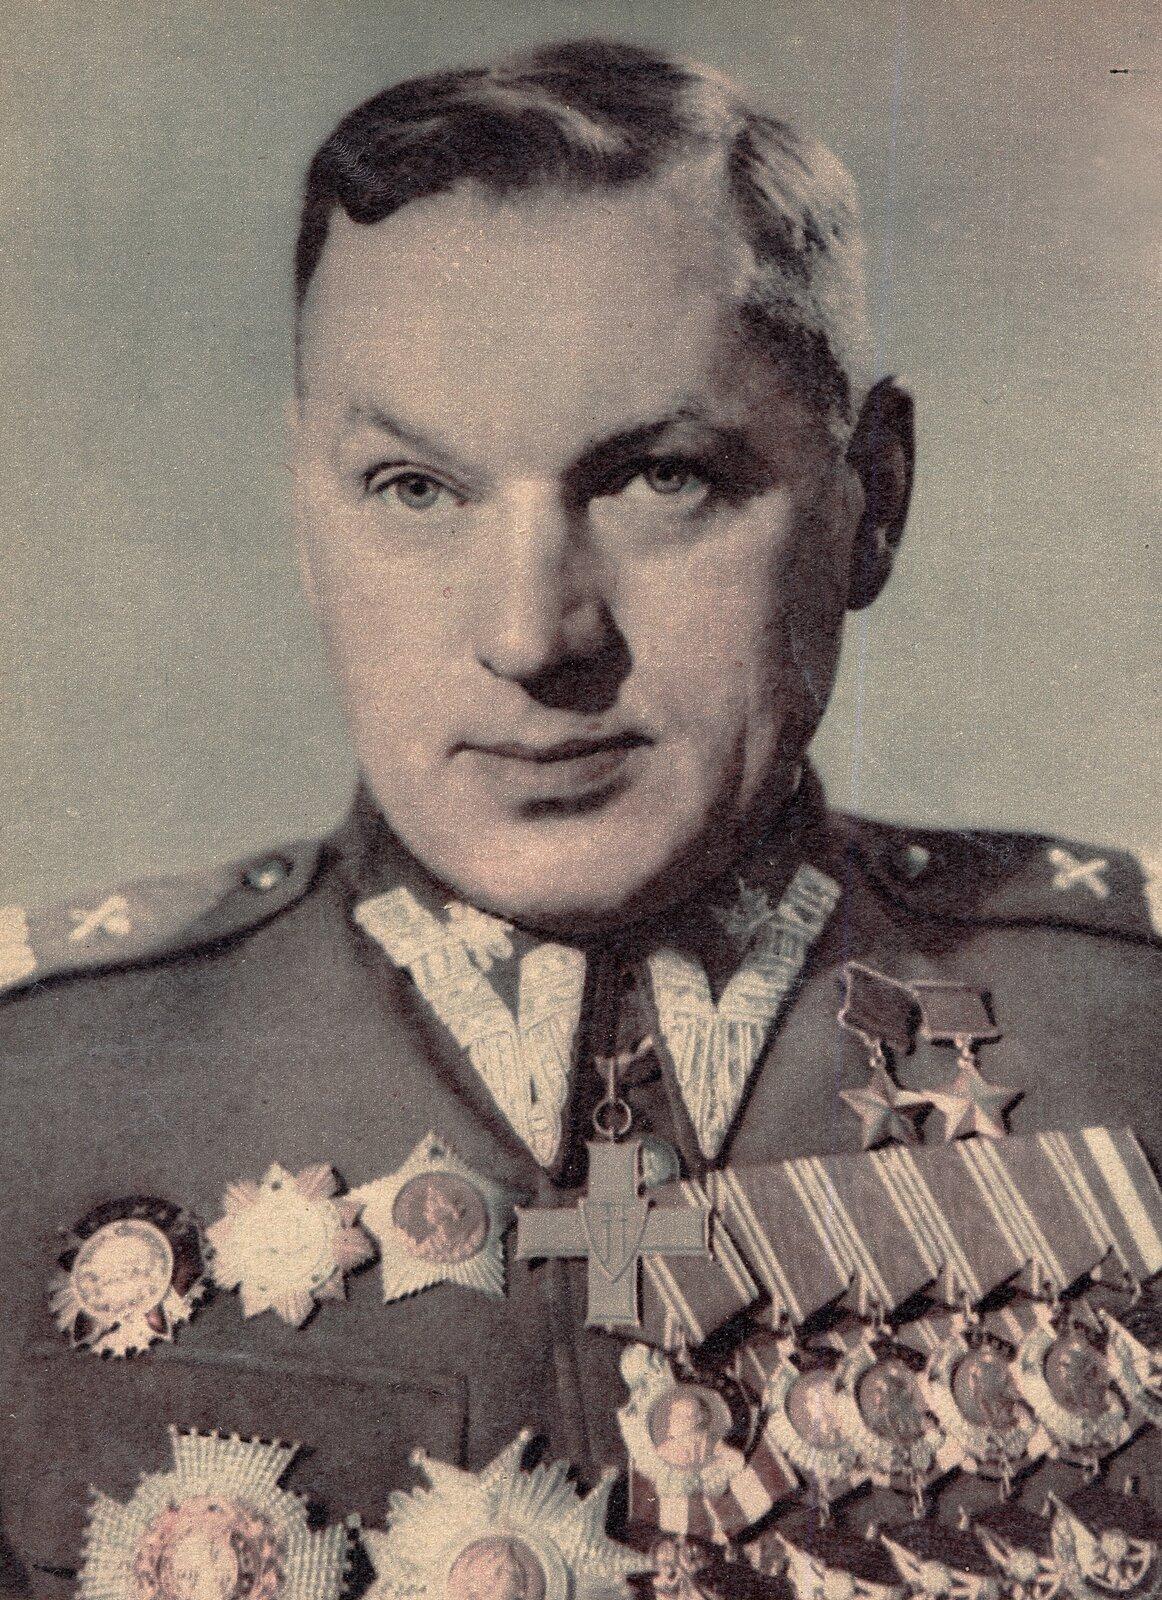 Konstanty Rokossowski wpolskim mundurze Konstanty Rokossowski, ur. w1896 wWielkich Łukach we wschodniej Białorusi, zm. w1968 wMoskwie, marszałek radziecki ipolski. Wczasie wojny radziecko-niemieckiej wlatach 1941–1945 dowodził kilkoma frontami; wlatach 1949–1956 był ministrem obrony narodowej Polski, członkiem Biura Politycznego KC PZPR; następnie wyjechał do ZSRR, gdzie był między innymi wiceministrem obrony narodowej (1958–1962).(Na podstawie: Encyklopedia PWN). Źródło: Roman Burzyński, Konstanty Rokossowski wpolskim mundurze, 1949, fotografia, Przekrój, domena publiczna.